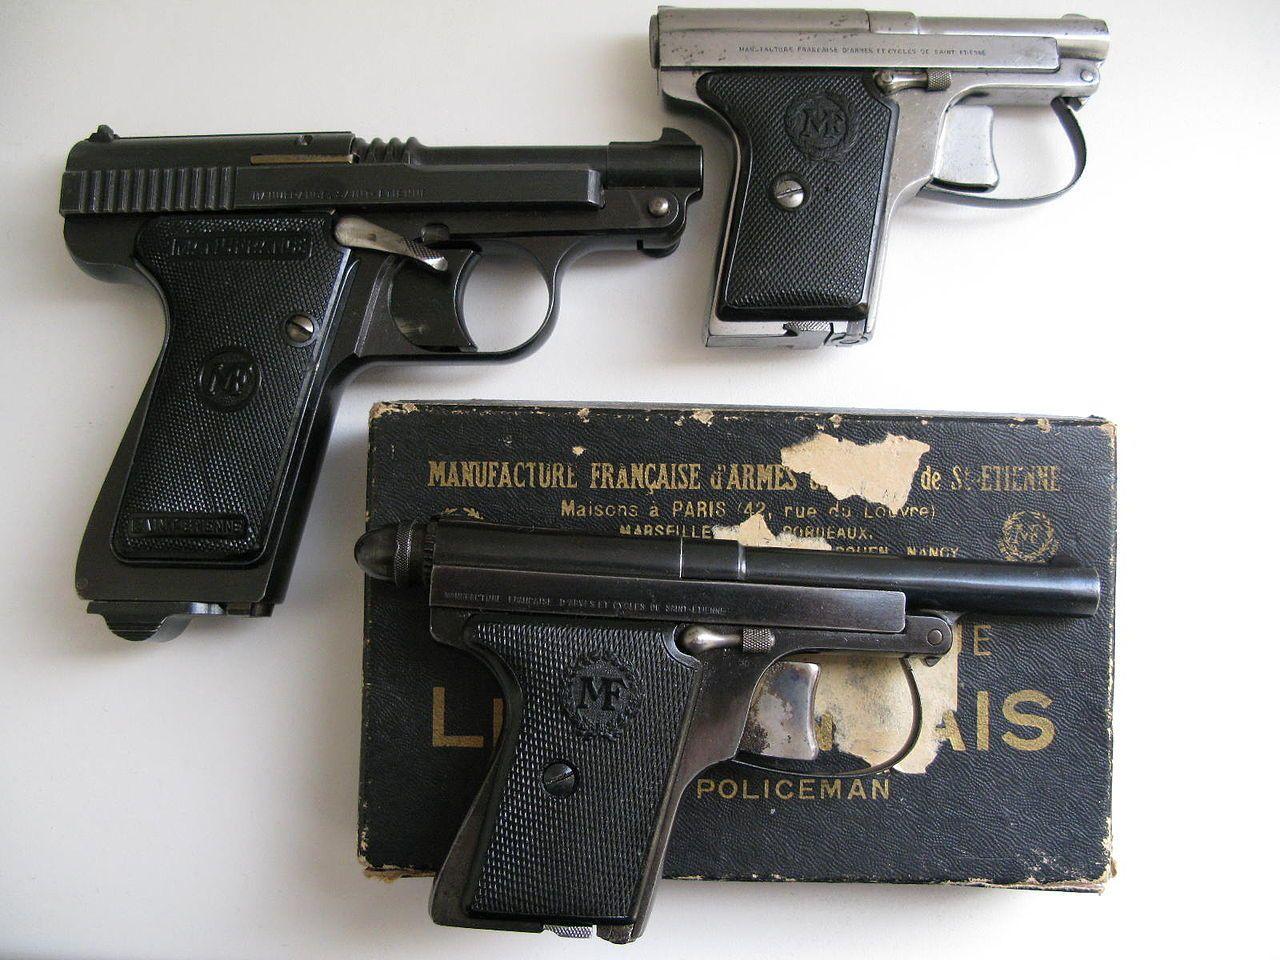 1 Le Français Poche, 1 Le Français 7,65 et 1 Le Français Policeman.Adopté par l'armée française en tant que pistolet de service peu avant le commencement de la guerre, le Mle 1935A était bien conçu mais a souffert des munitions trop légères de 7,65 mm (en comparaison avec des pistolets de 9 mm allemands). En 1938, une version simplifiée appelée Mle 1935S fut mise en production : elle était tellement semblable que toutes les caractéristiques techniques étaient presque les mêmes (elle était cependant plus facile et moins coûteuse à produire). Cette arme fut produite par les manufactures d'armes de Saint-Étienne, de Châtellerault et de Tulles. Elle avait également la caractéristique d'être très élégante, chose appréciée des gendarmes et policiers français (principaux utilisateurs de ce pistolet sous l'Occupation).  Mle 1935A  Mle 1935S (et A) Spécifications techniques Fonctionnement Semi-automatique Calibre 7,65 mm Munition 7,65x22 mm Long Cadence de tir 20 coups/min Capacité 8 cartouches Portée 100 m Masse 0,73 kg (0,79 kg pour le modèle S) Longueur 196 mm (188 mm pour le modèle S) Vitesse initiale 304 m/s